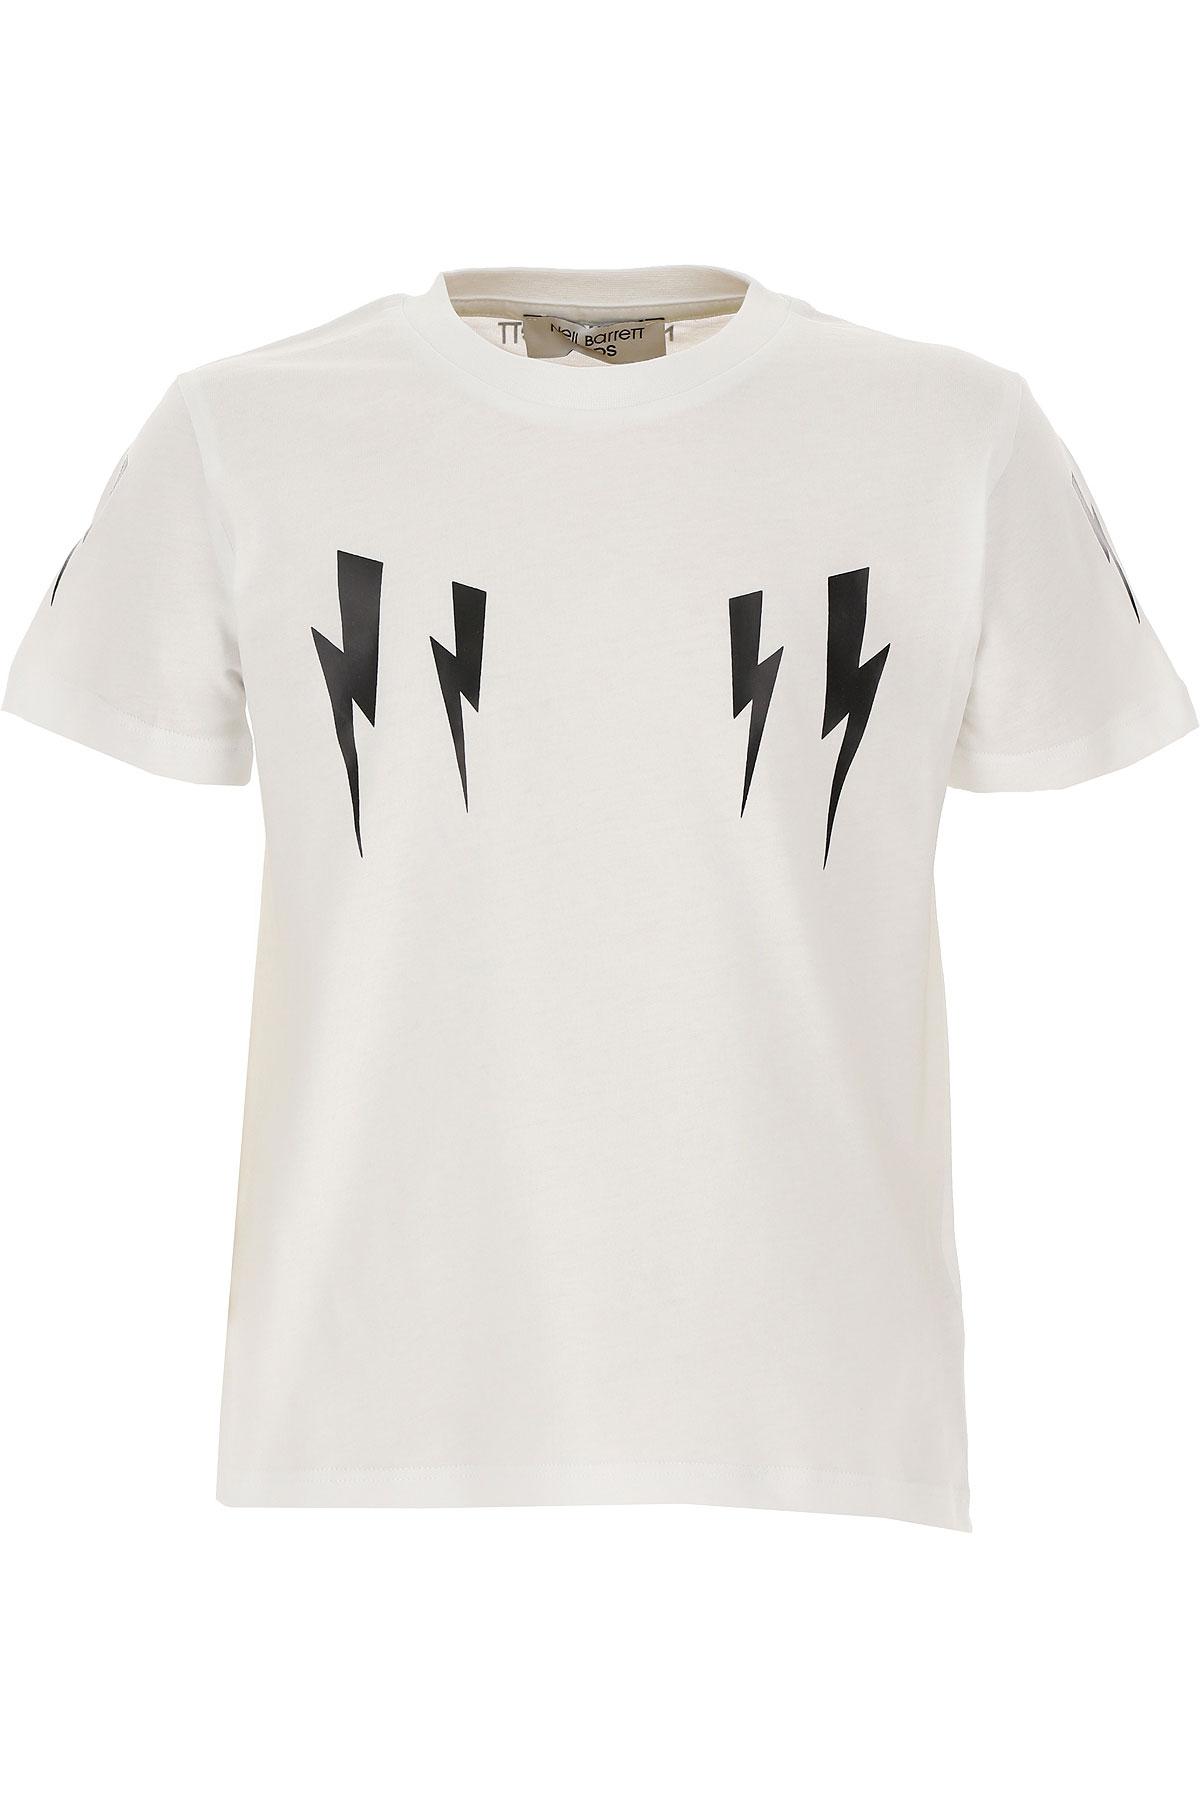 Neil Barrett Kids T-Shirt for Boys On Sale, White, Cotton, 2019, 12Y 6Y 8Y